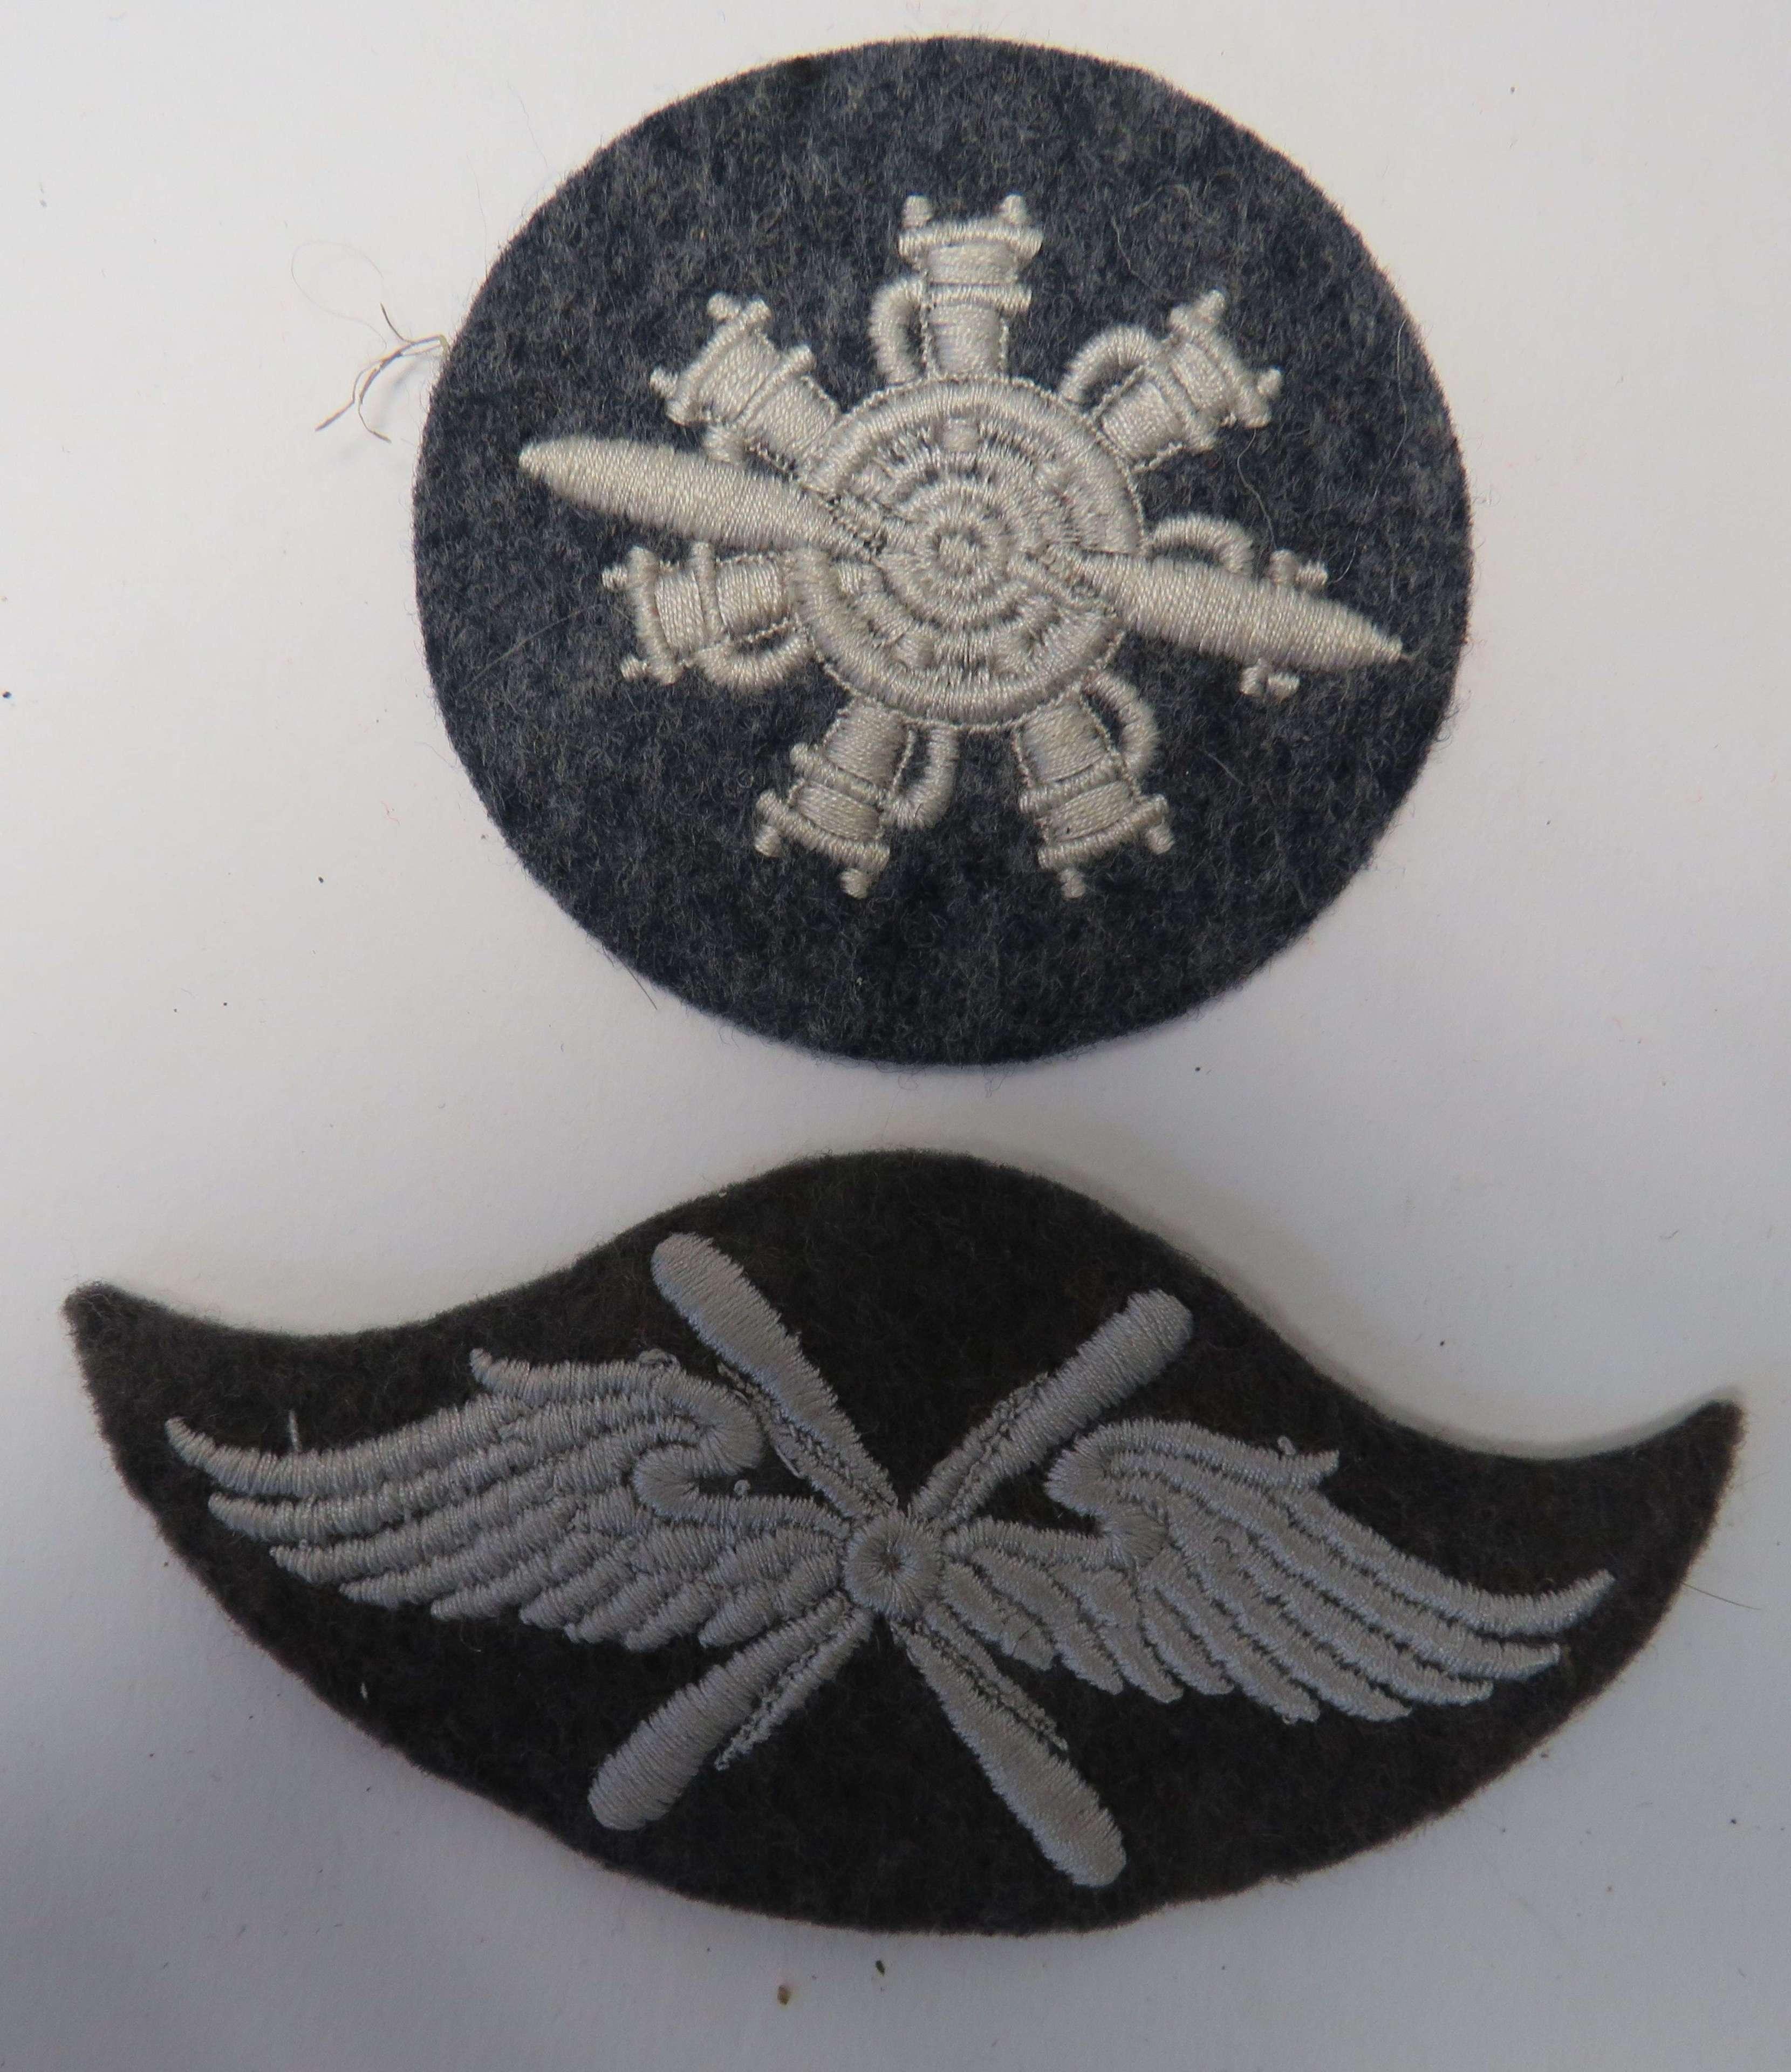 Two WW 2 Luftwaffe Arm Badges